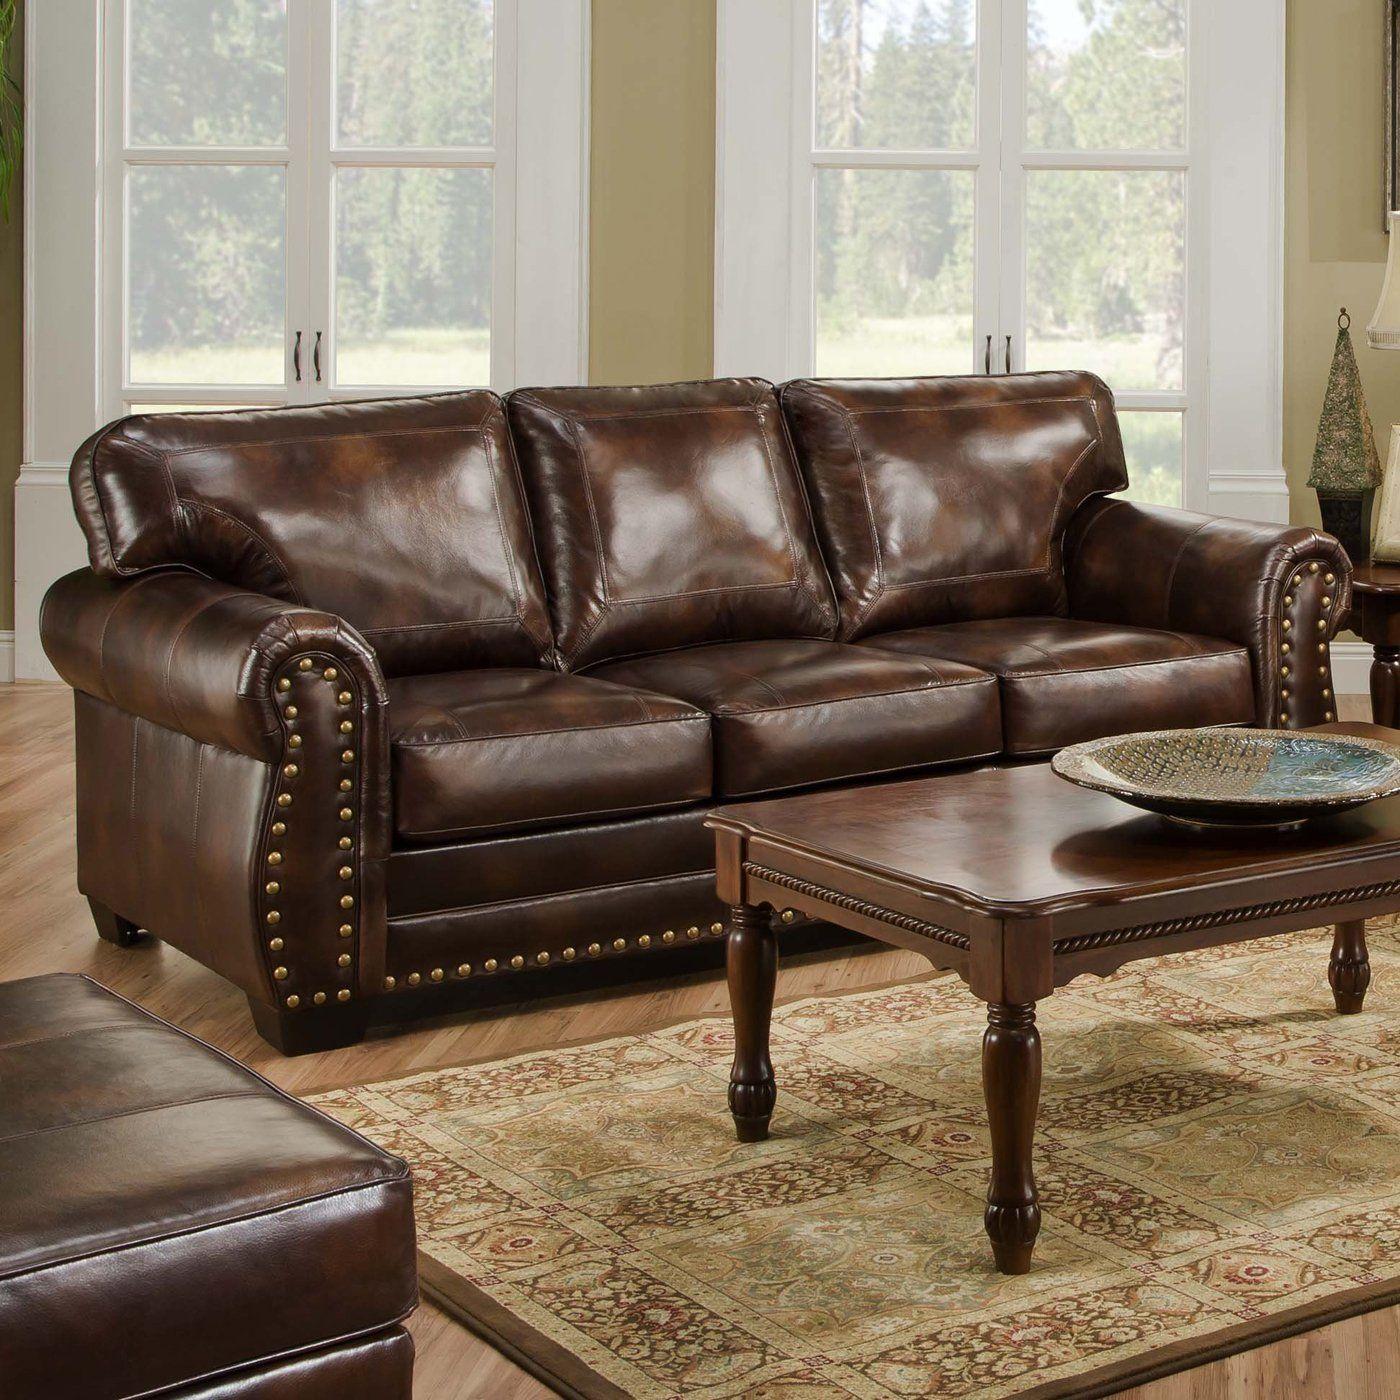 Leather Sleeper Sofa Queen Size W Nailhead Trim Nailhead Trim